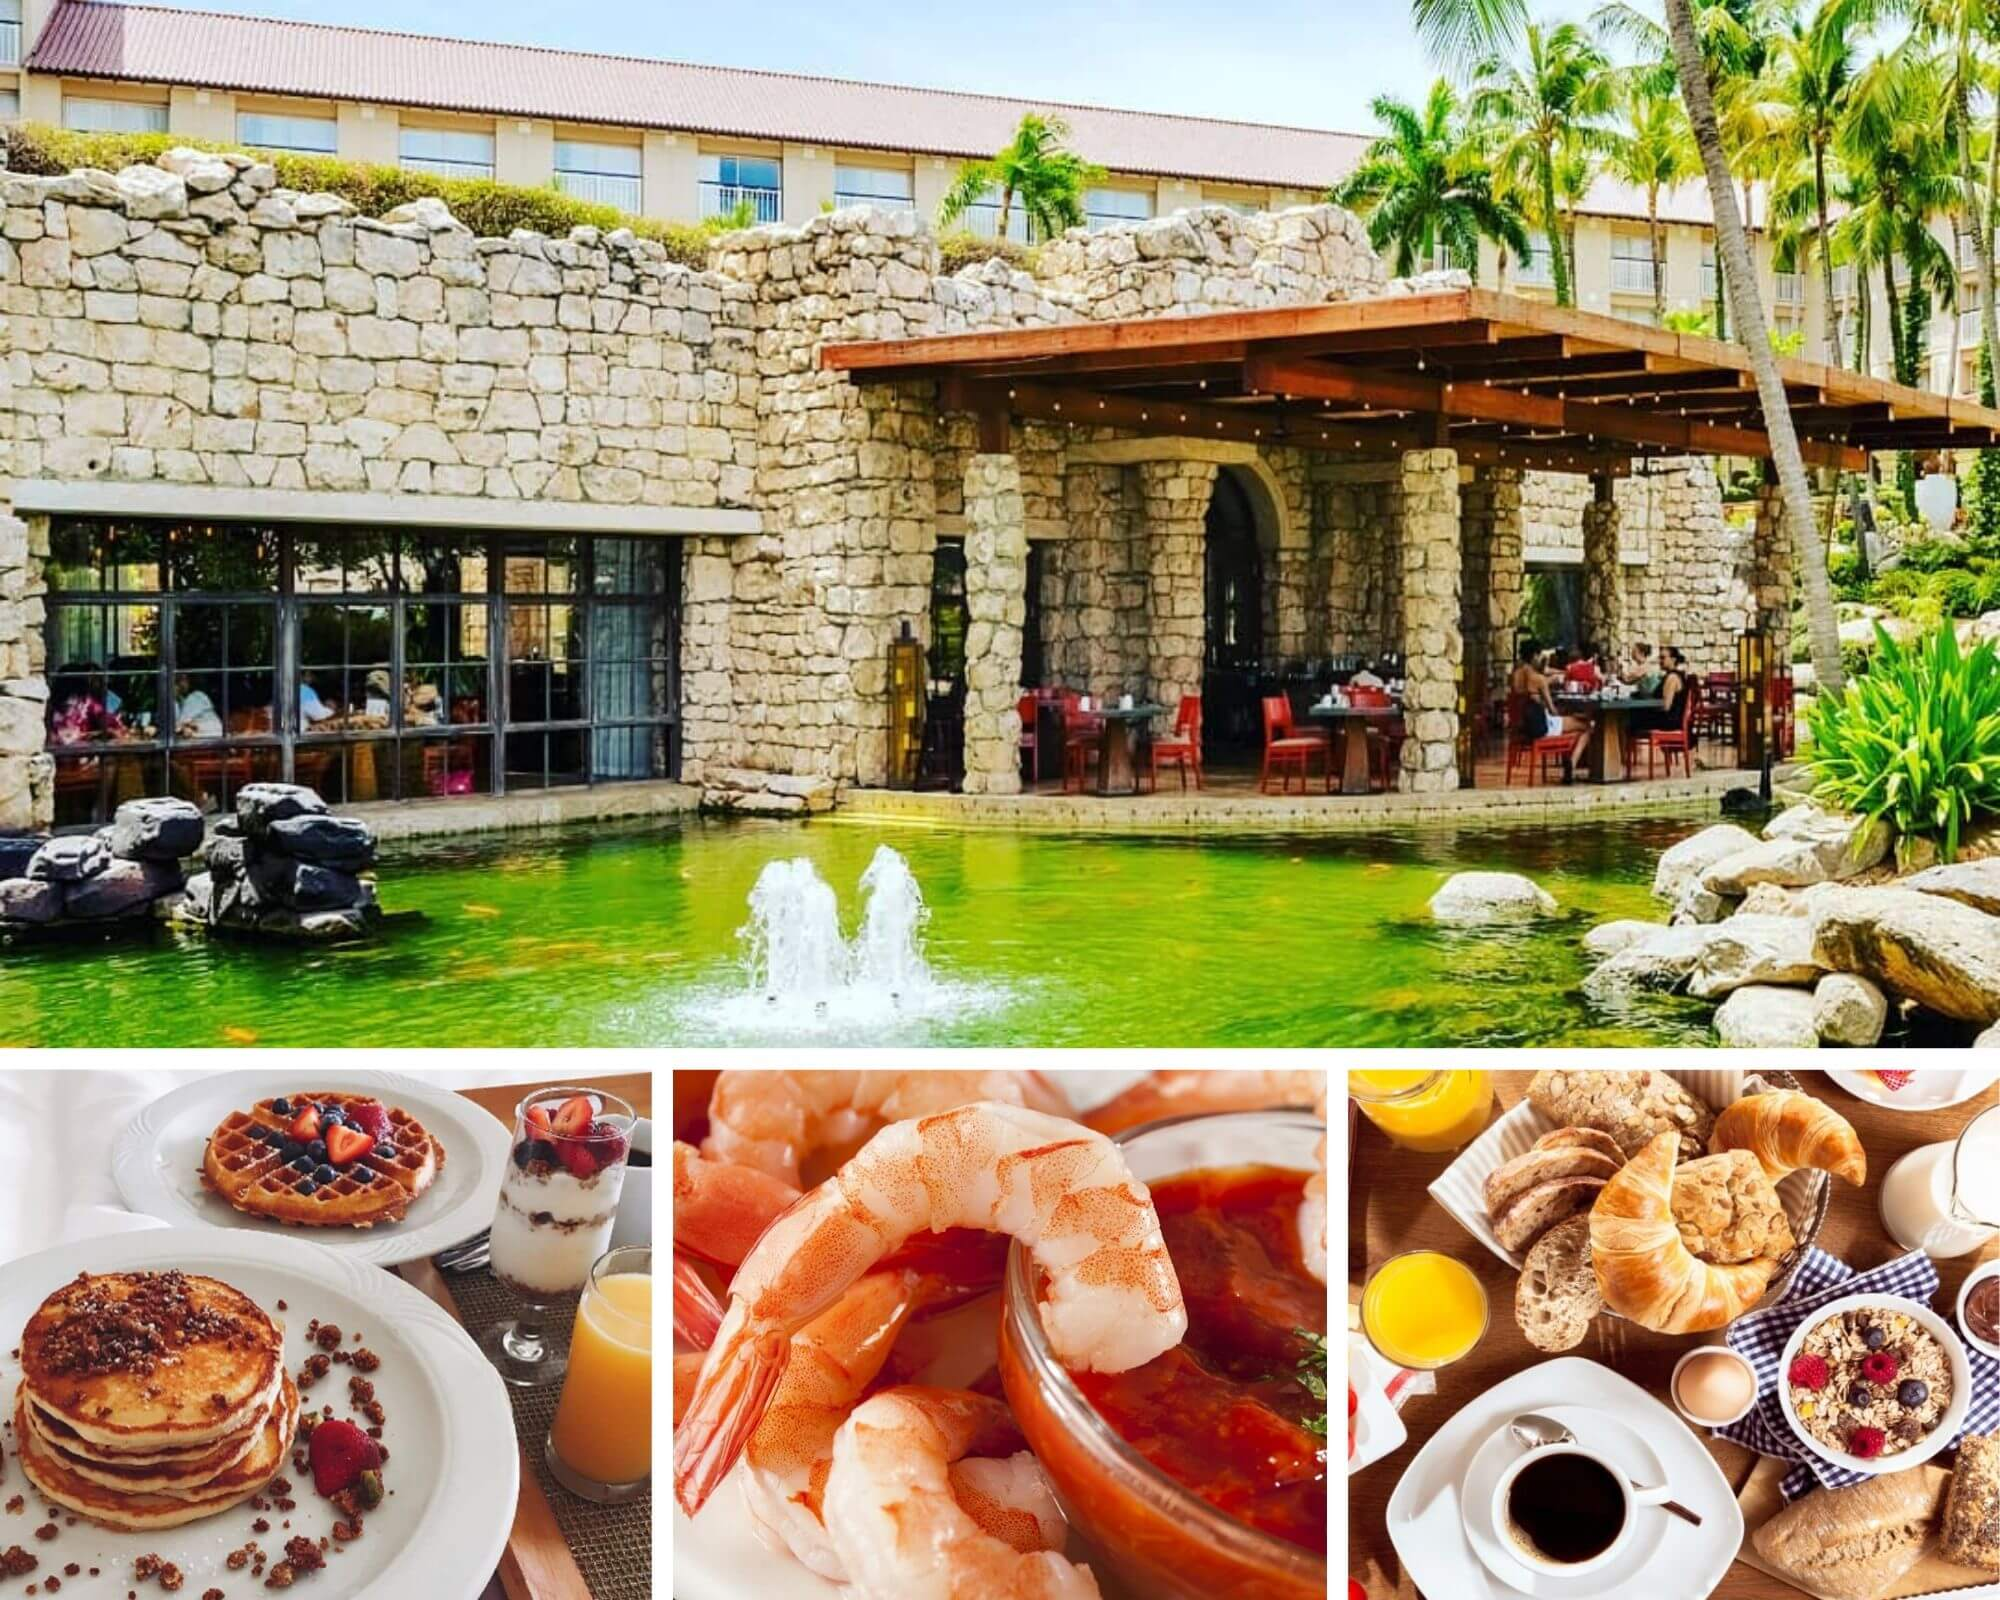 Aruba_Bubbly_Sunday_Brunch_Blog-by-megan-rojer_ruinas-del-mar-at-hyatt-regency